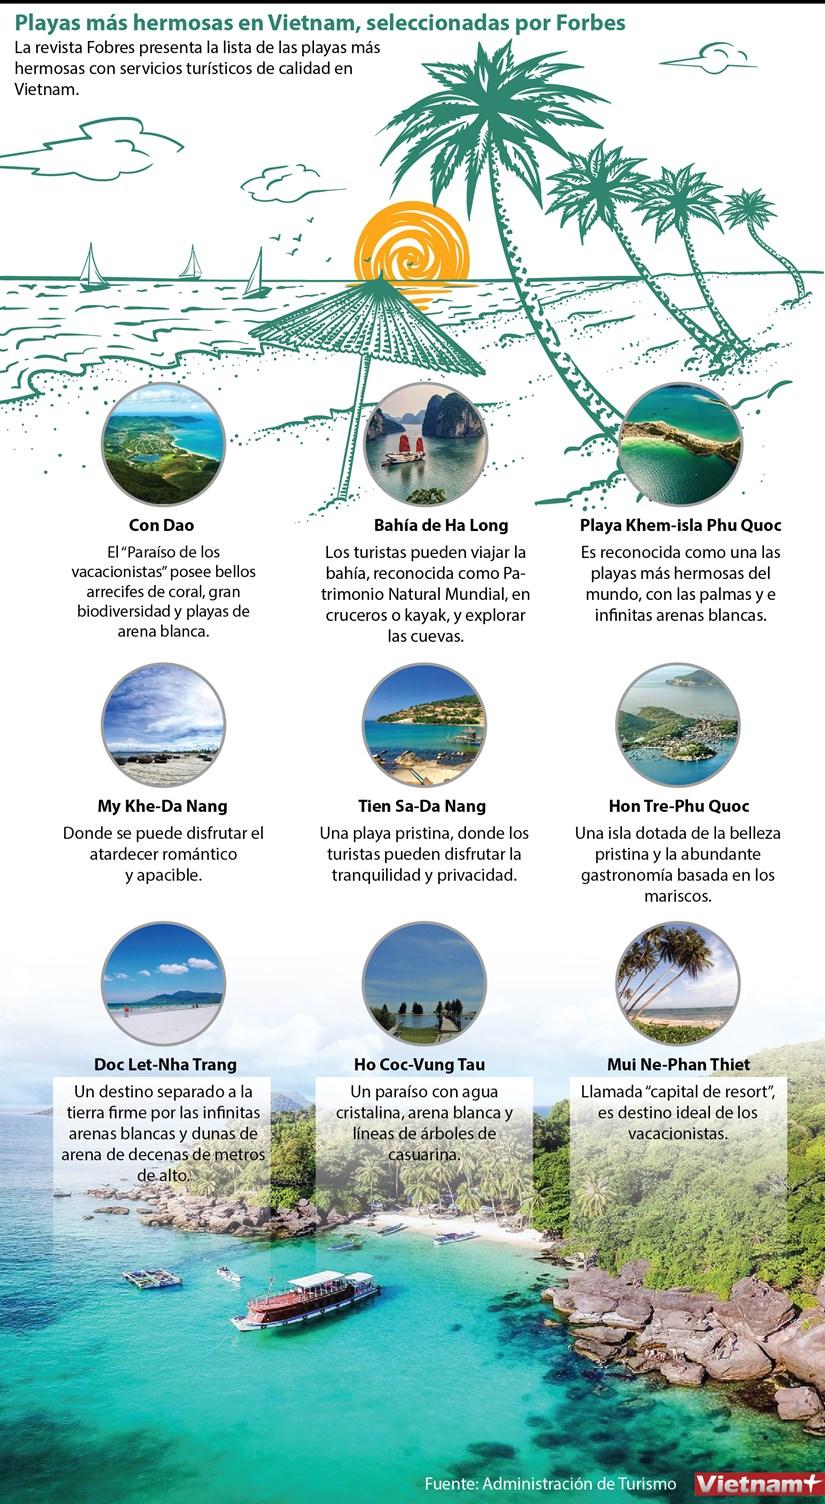 Playas mas hermosas en Vietnam, seleccionadas por Forbes hinh anh 1